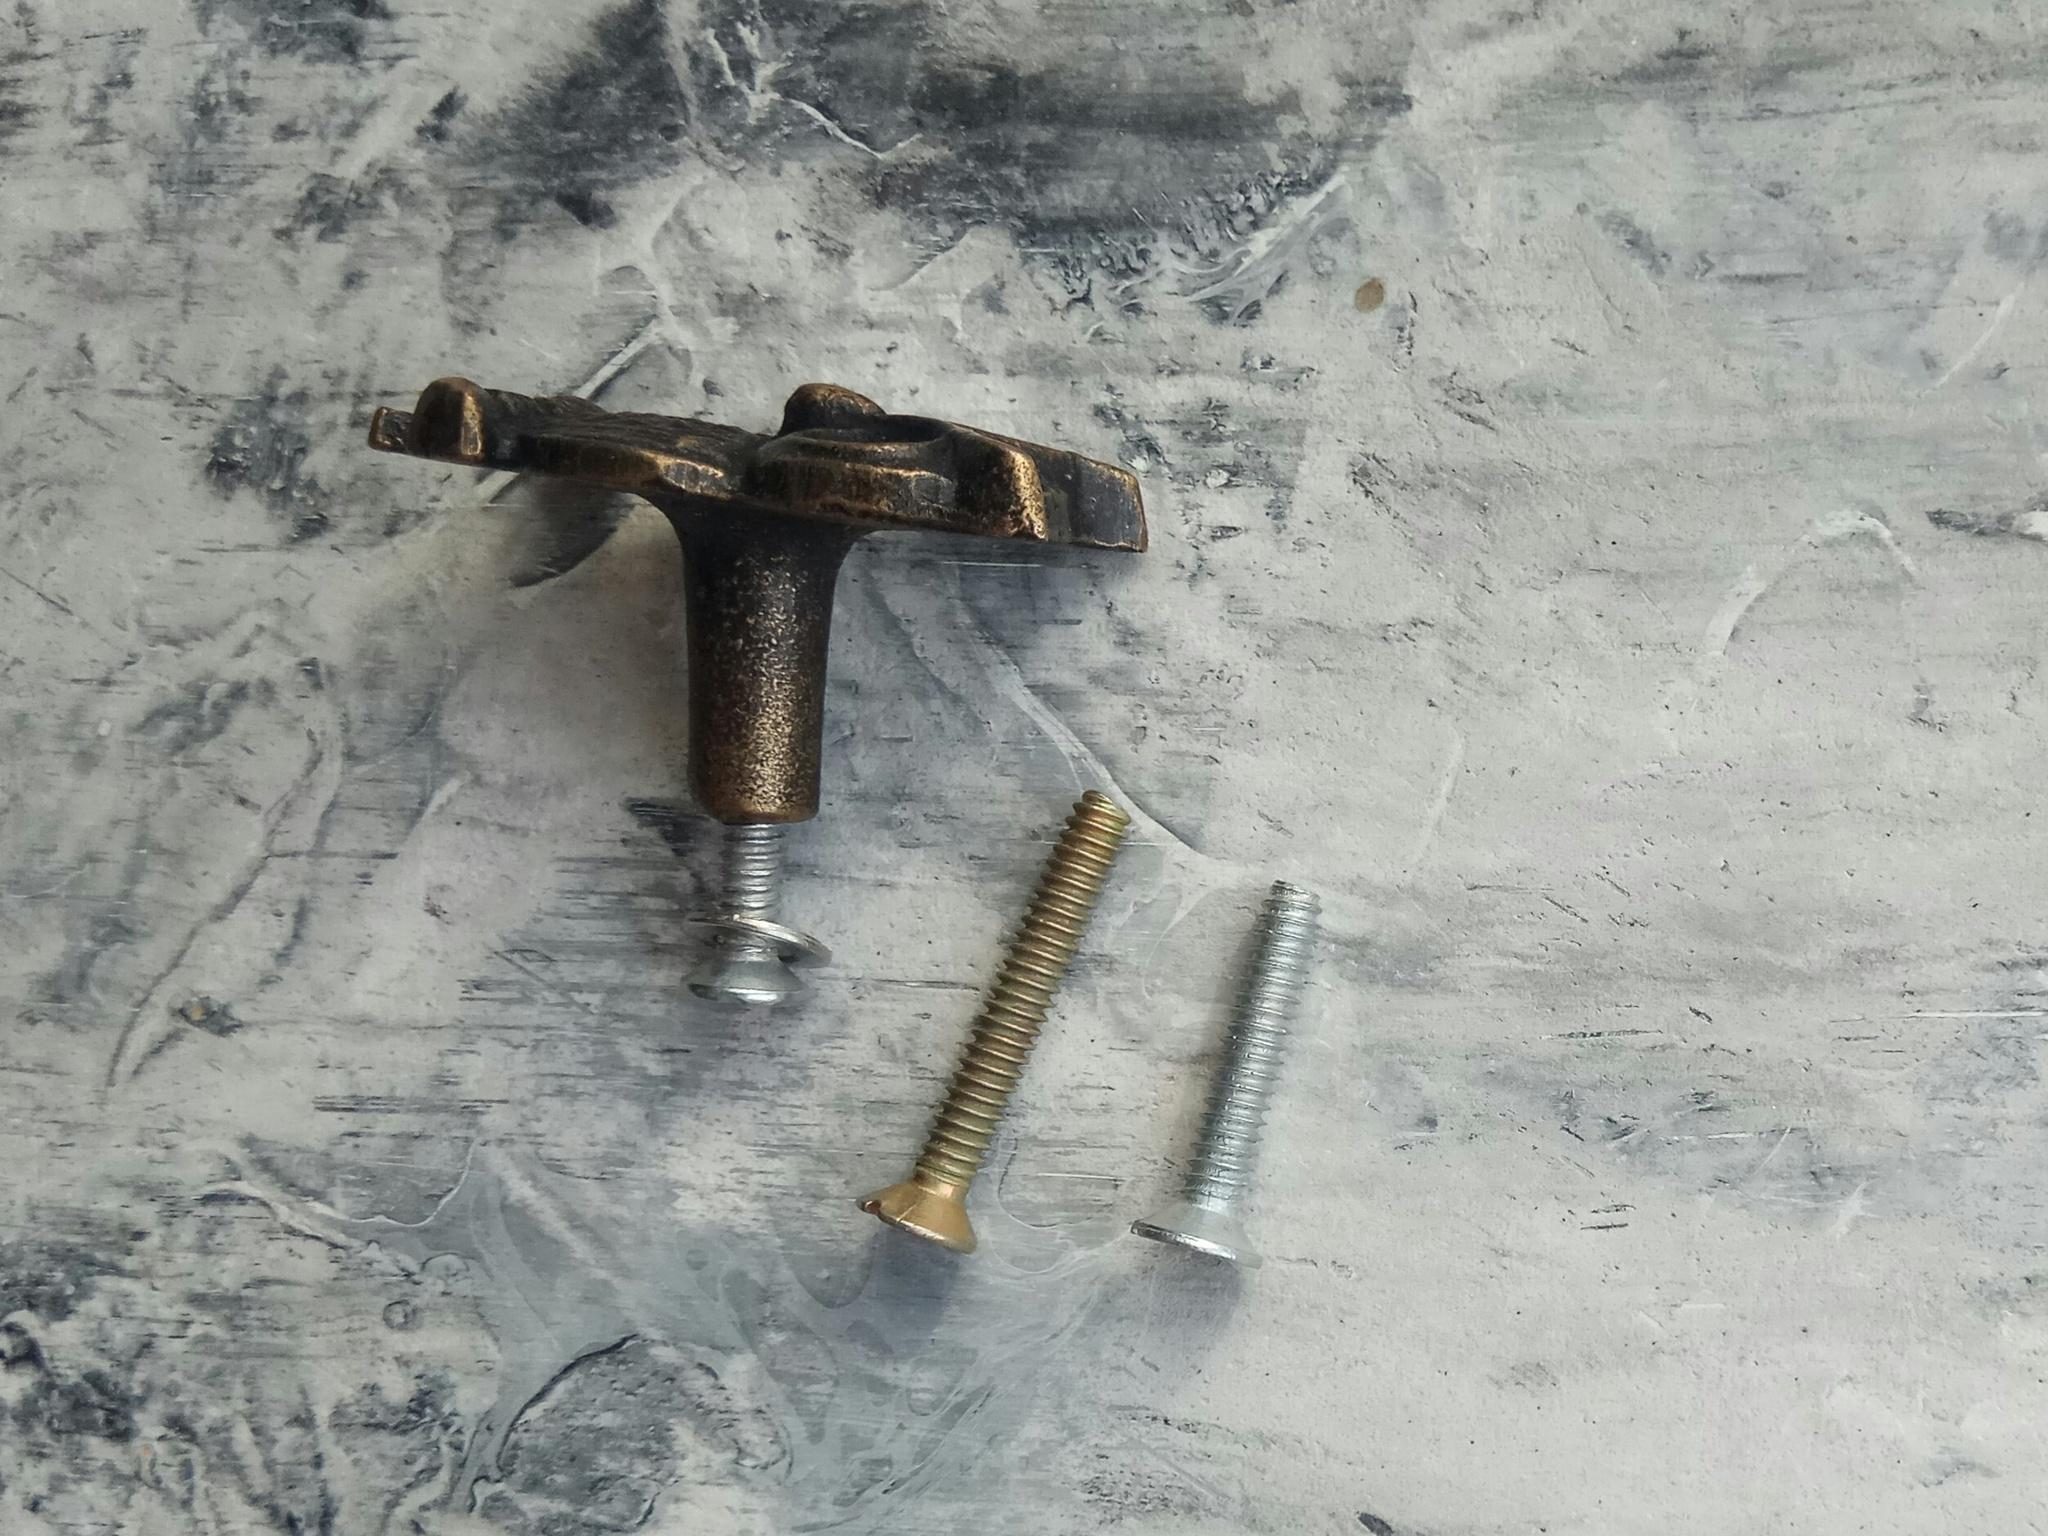 Ручка мебельная металлическая - сова на ветке, арт. 000826